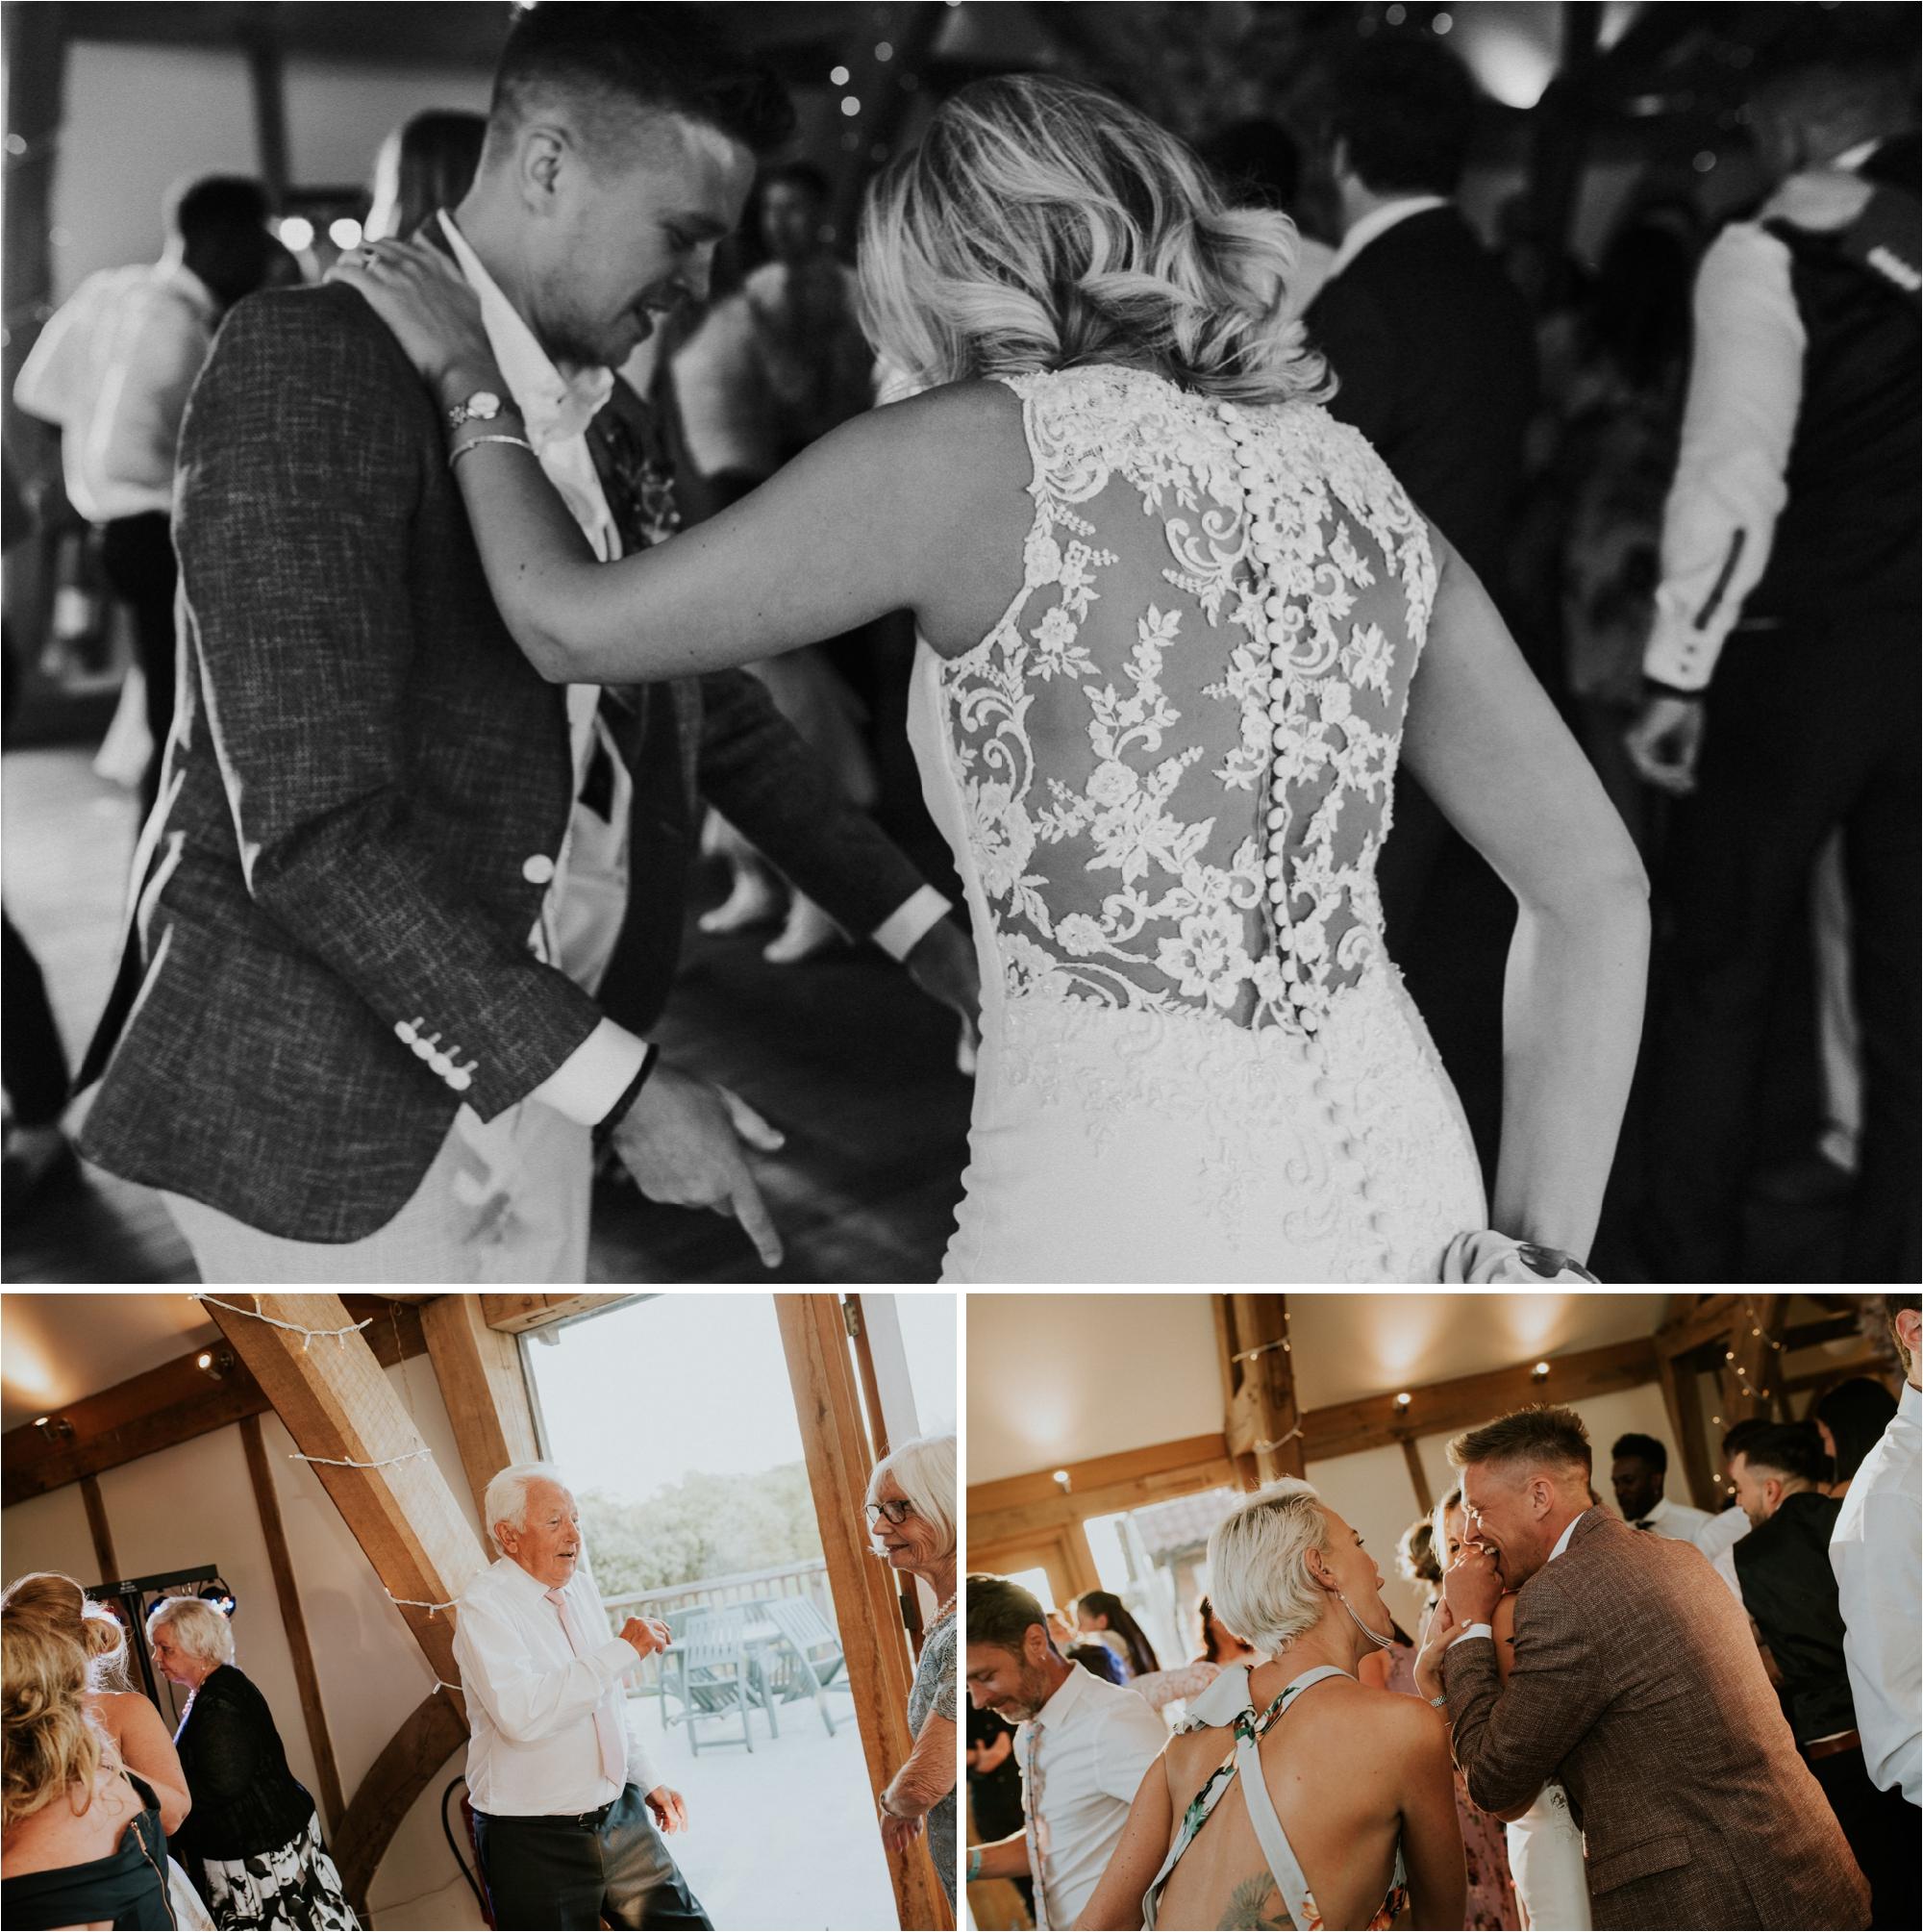 SanburnHallWedding-LukeHolroyd-Yorkshirewedding_0182.jpg